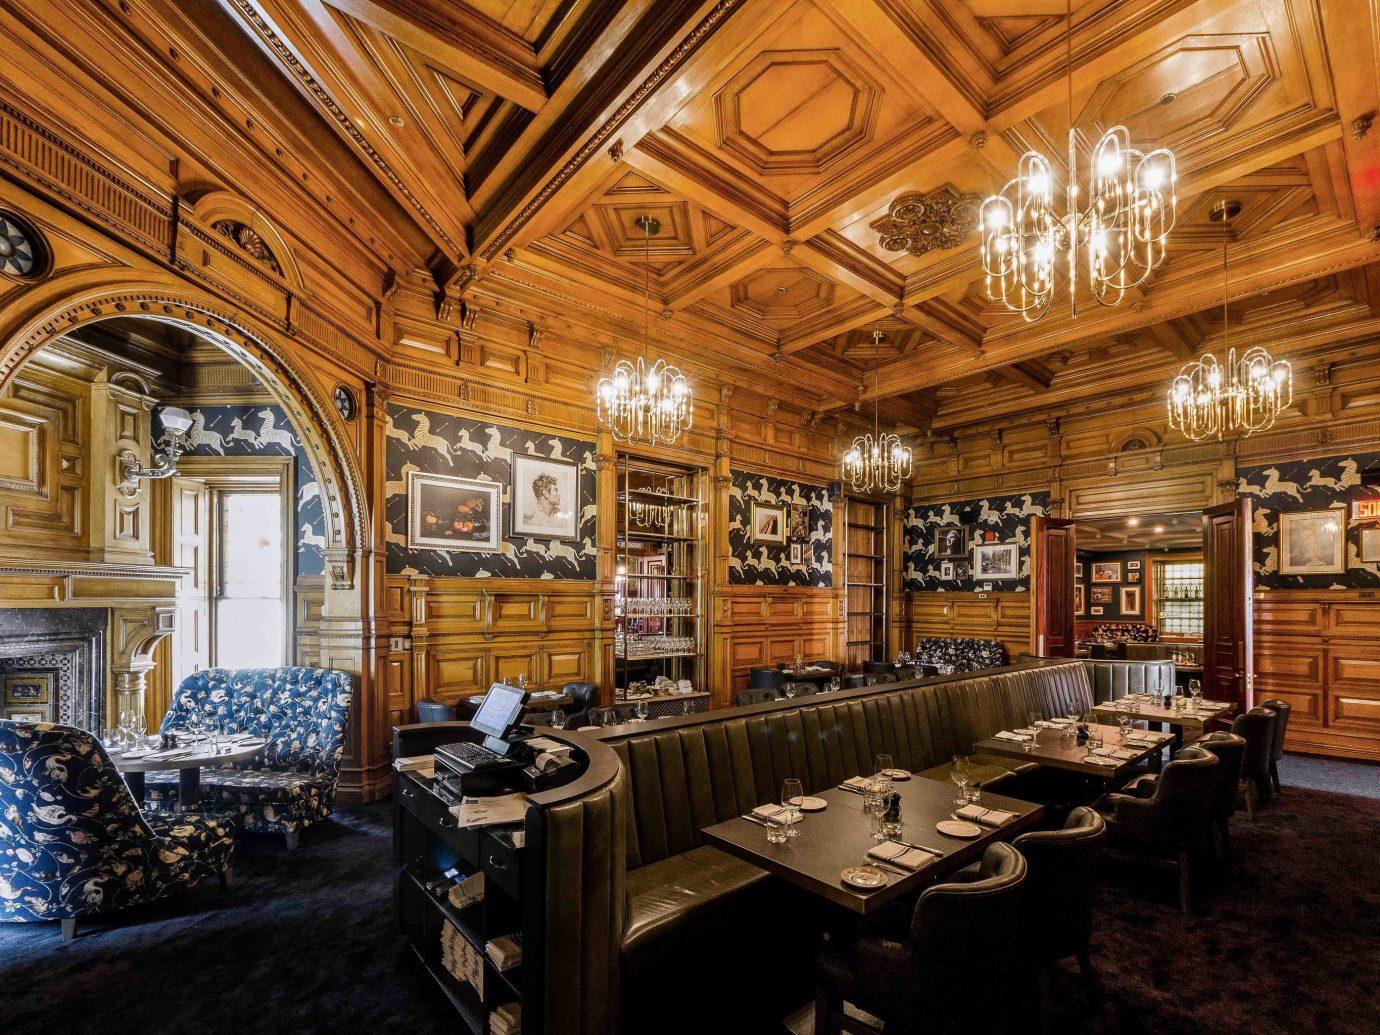 Boutique Hotels Chicago Hotels indoor ceiling room interior design furniture estate several dining room